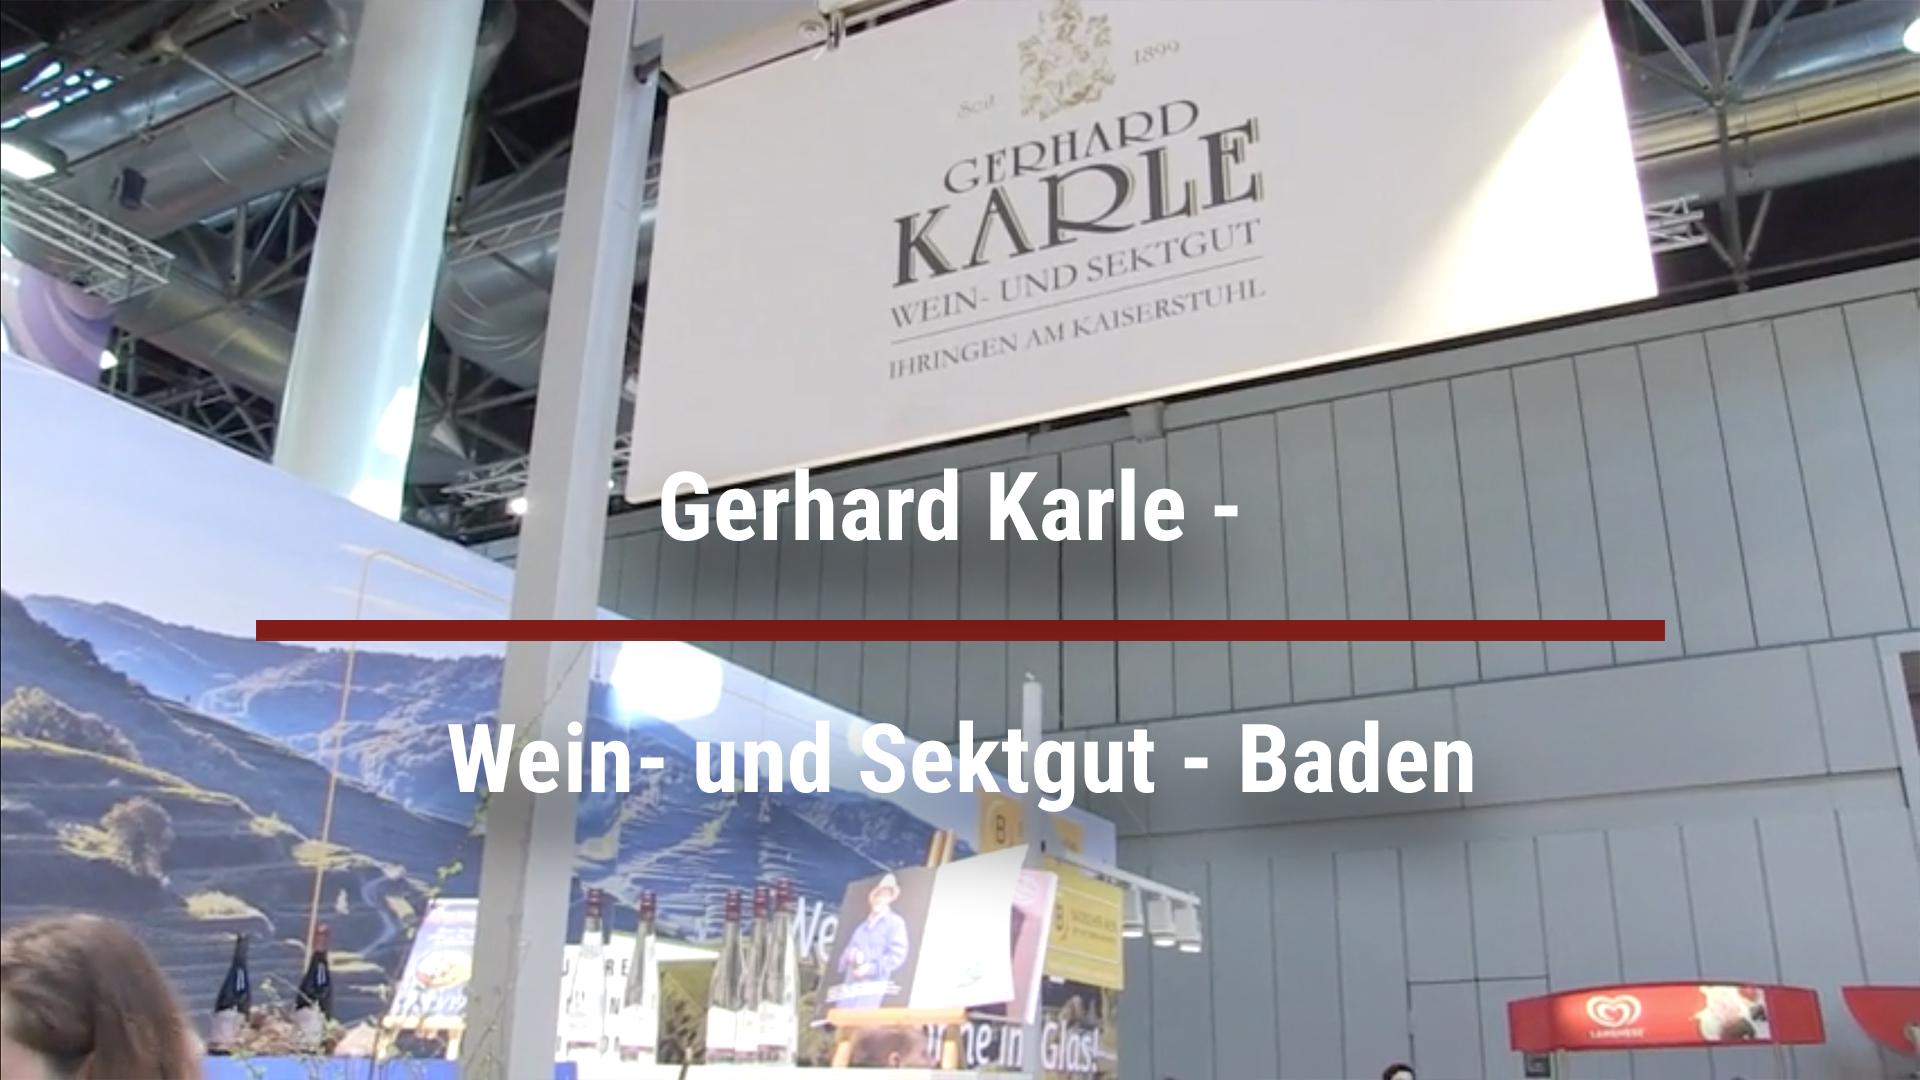 Gerhard Karle – Wein- and Sektgut – Baden